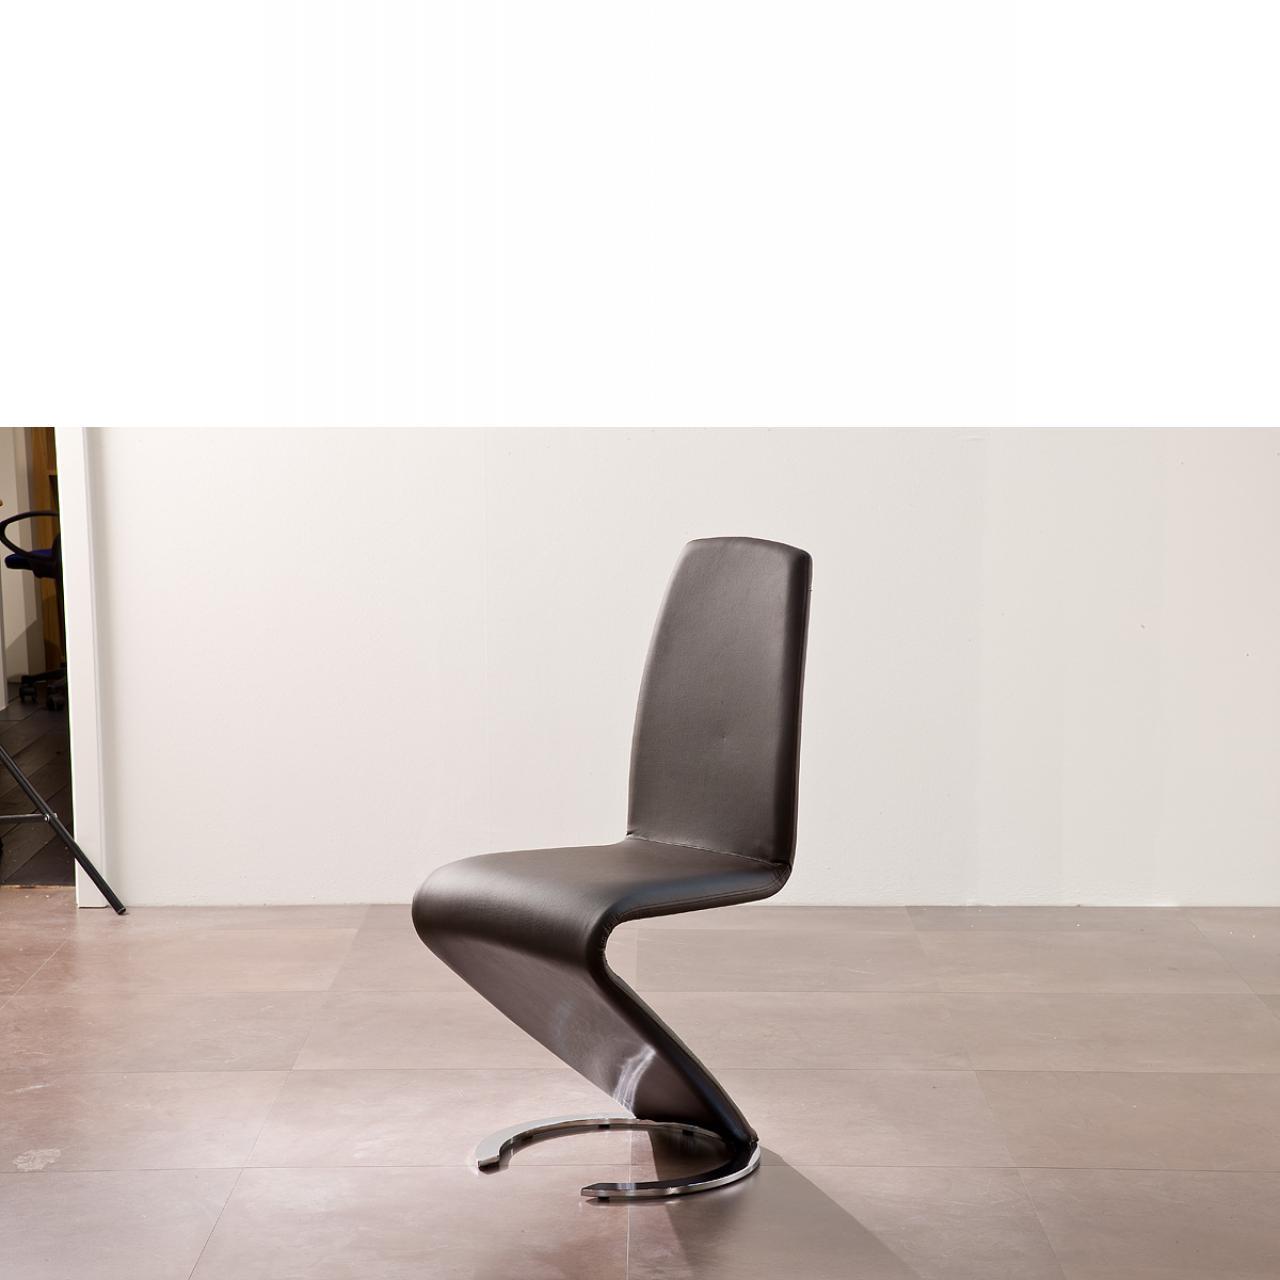 designer schwingstuhl swing st hle hocker esszimmer wohnen m bel j hnichen center gmbh. Black Bedroom Furniture Sets. Home Design Ideas